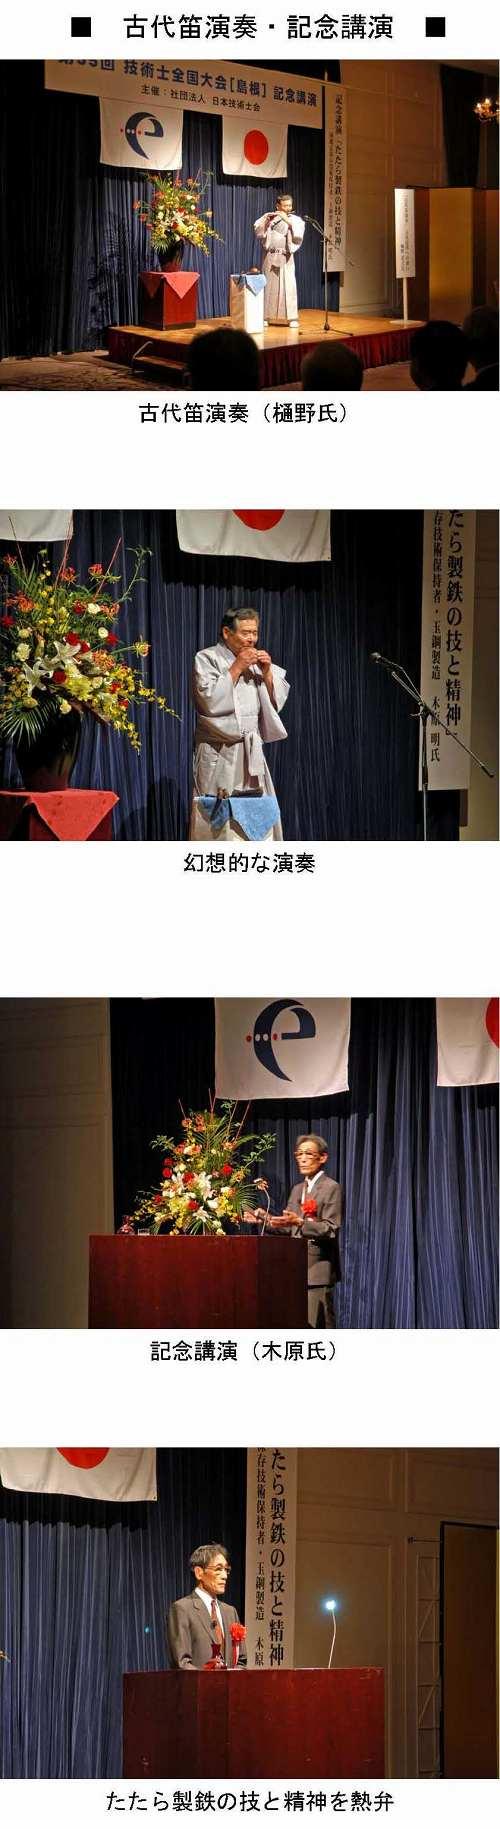 古代笛演奏・記念講演1